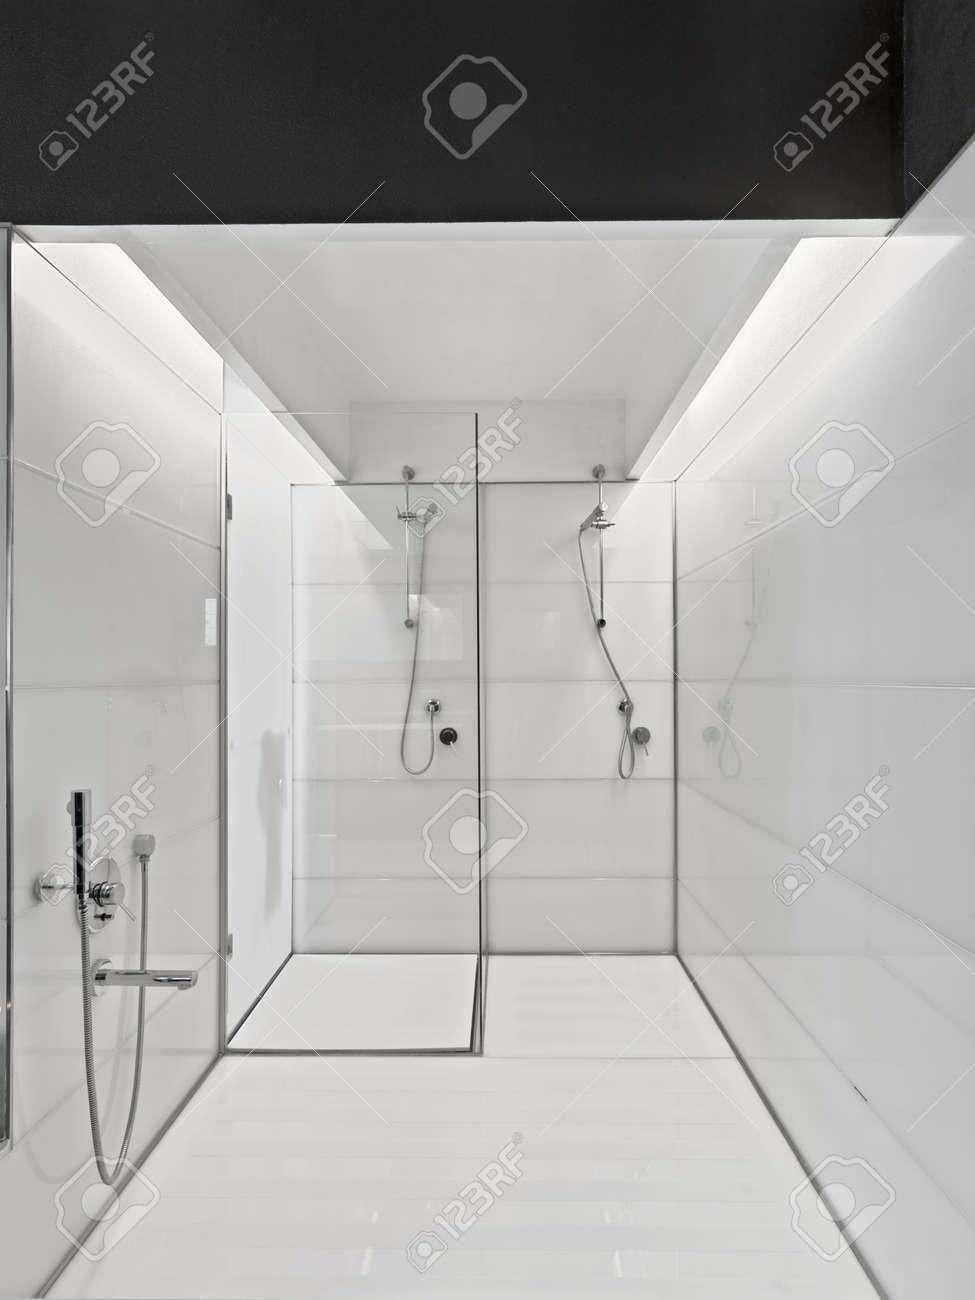 Grande Vasca Da Bagno E Vetro Box Doccia In Un Bagno Moderno Foto ...